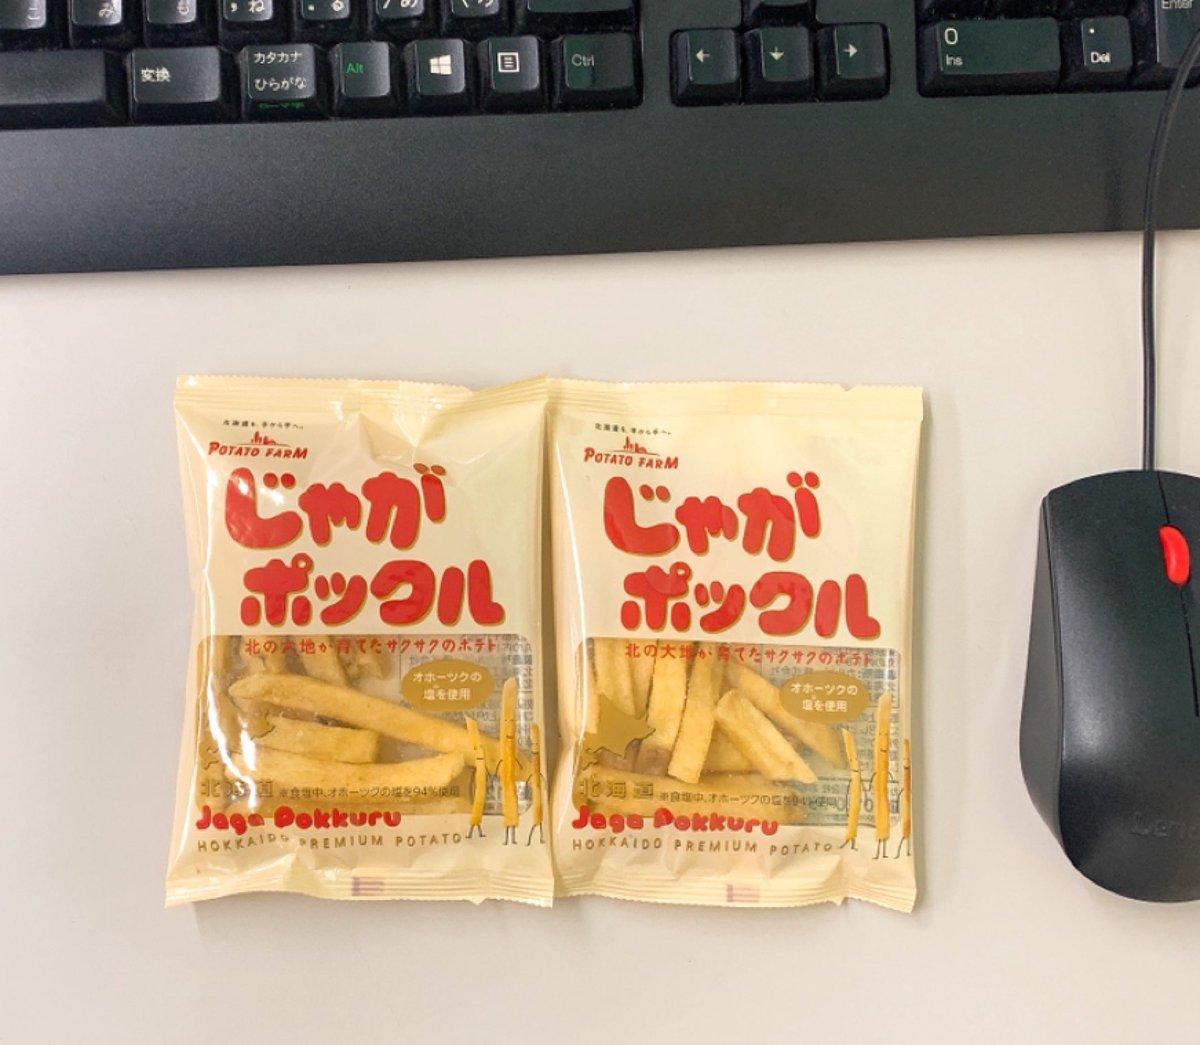 test ツイッターメディア - パートのおばちゃんからじゃがポックルもらったー❣️😋✨ ポテト系のお菓子の中でじゃがポックルが一番好きや〜🤤🍟 じゃがビーも大好きやけどじゃがポックルはその上をいきます🎶 あんま食べる機会ないから嬉しすぎる😍 ありがたいことに俺だけ2袋くれたし🥳笑 https://t.co/C13quwzn1G